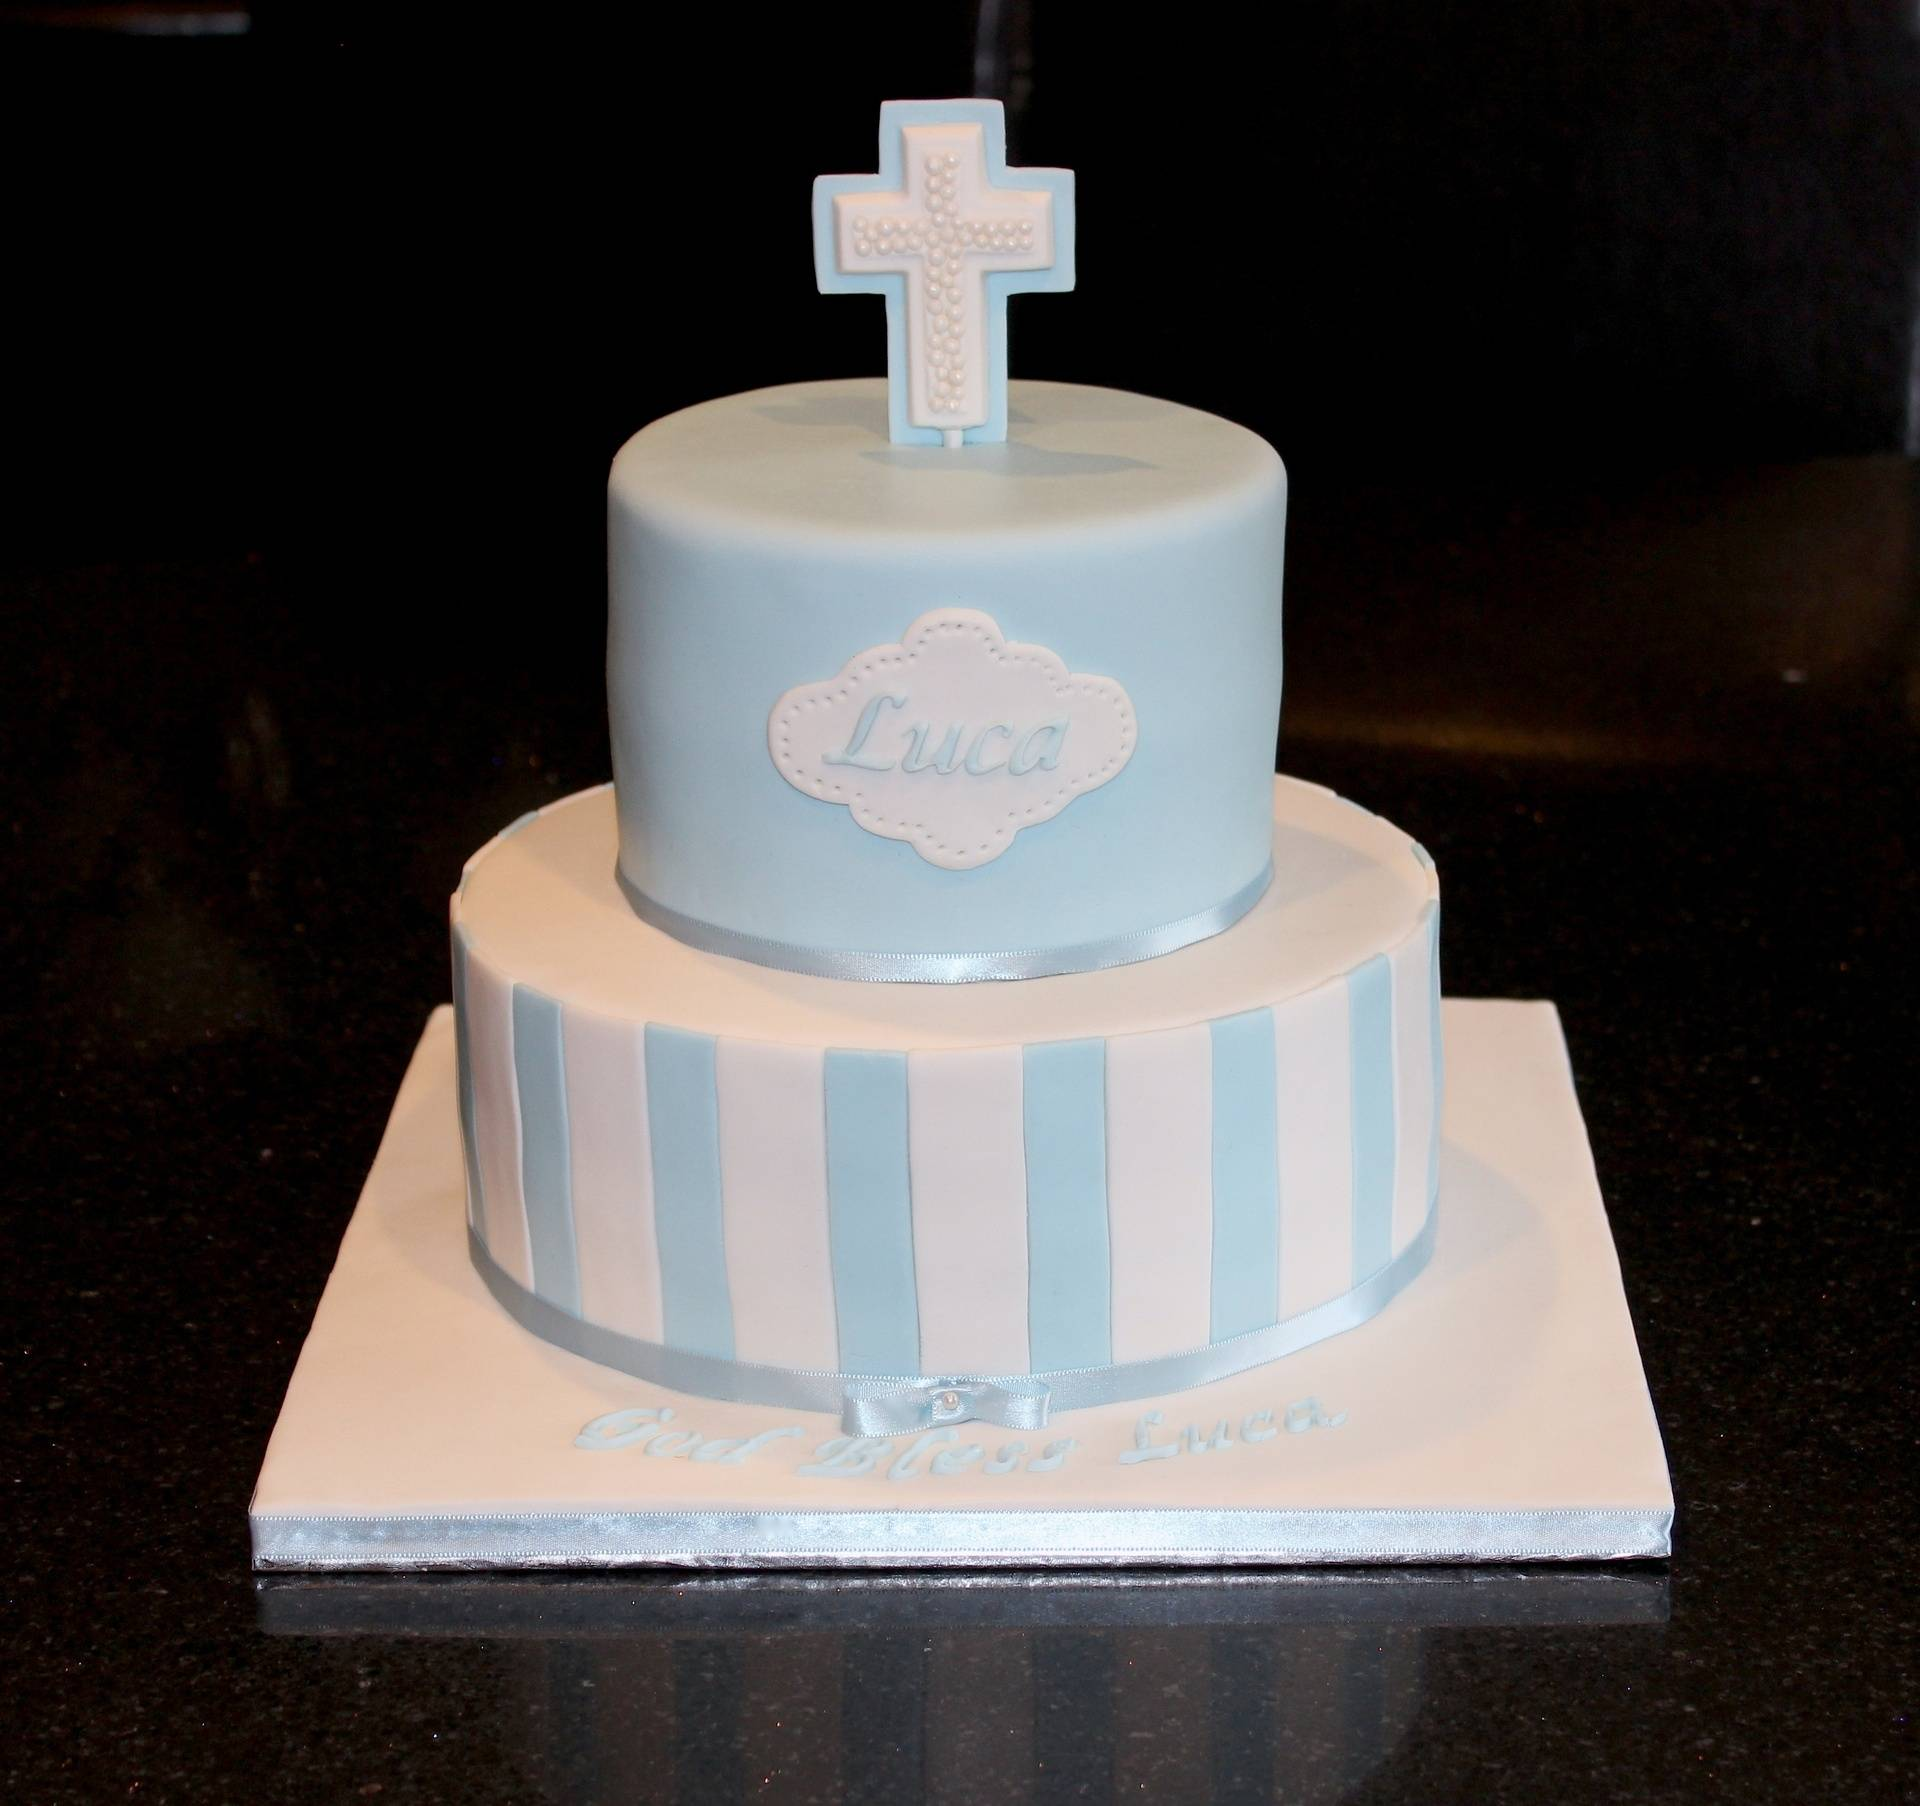 Baptism Cake for Luca